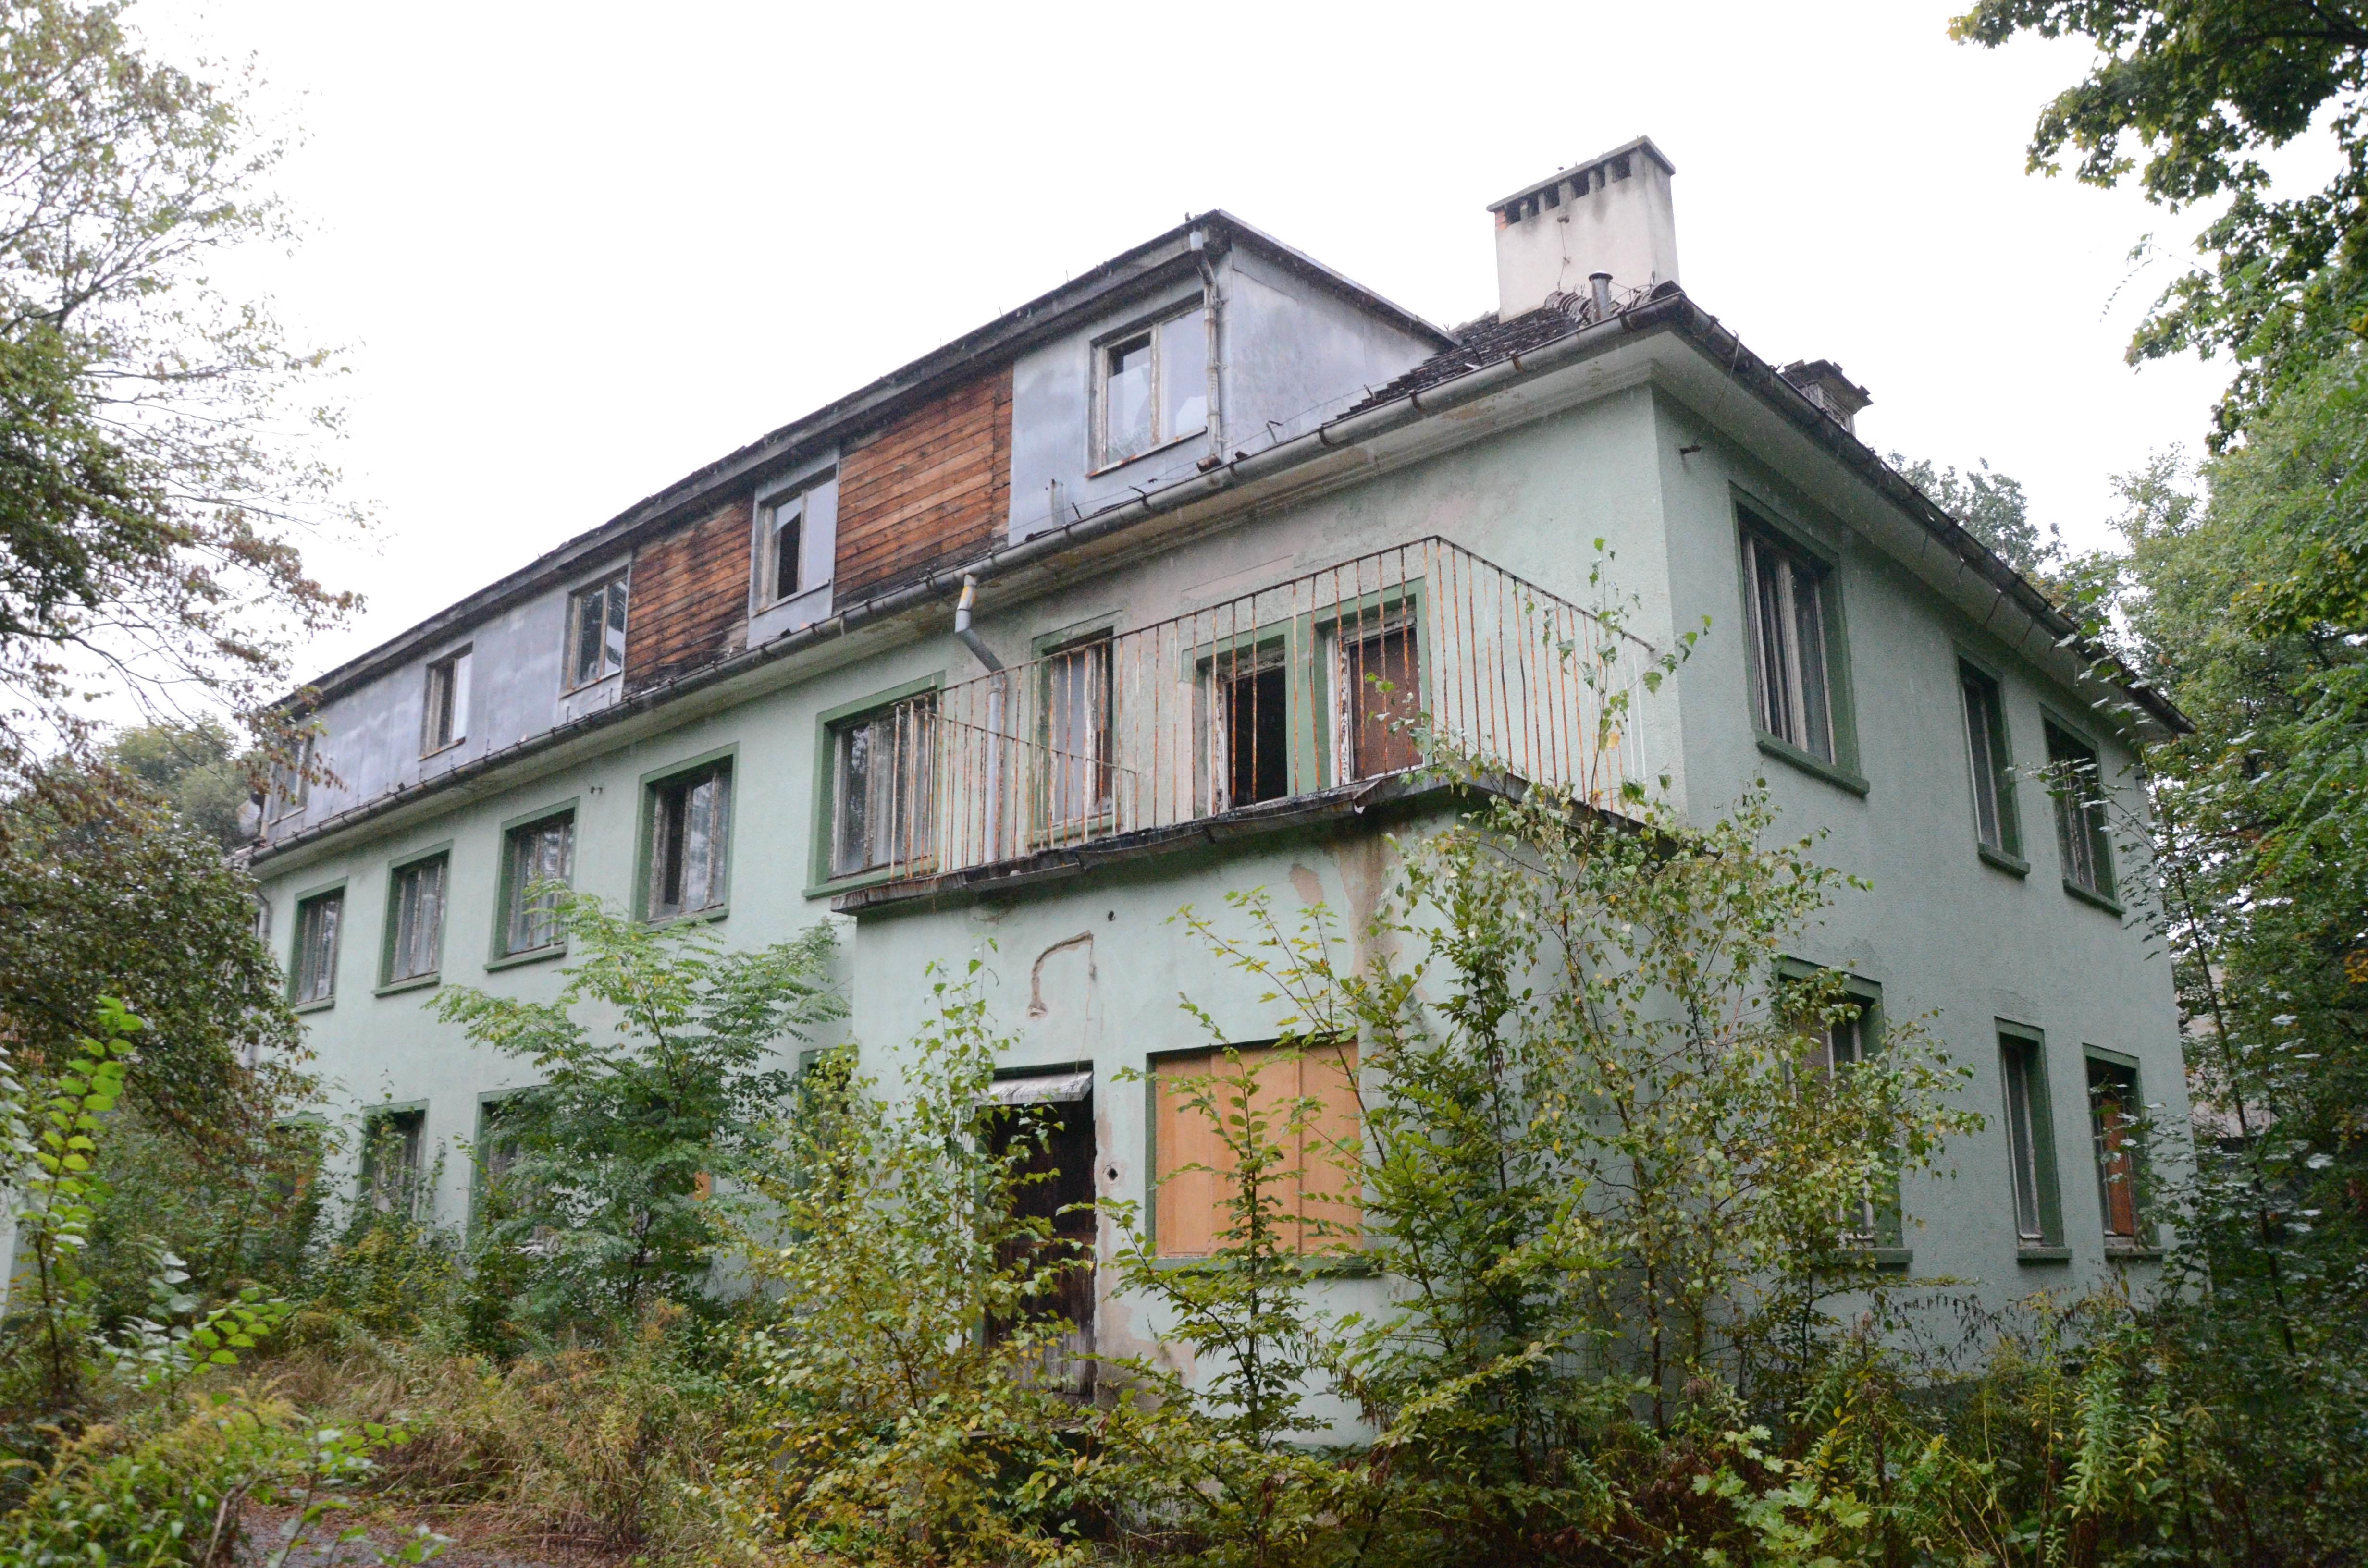 Gdzie W Polsce Straszy Lista Nawiedzonych Miejsc W Polsce